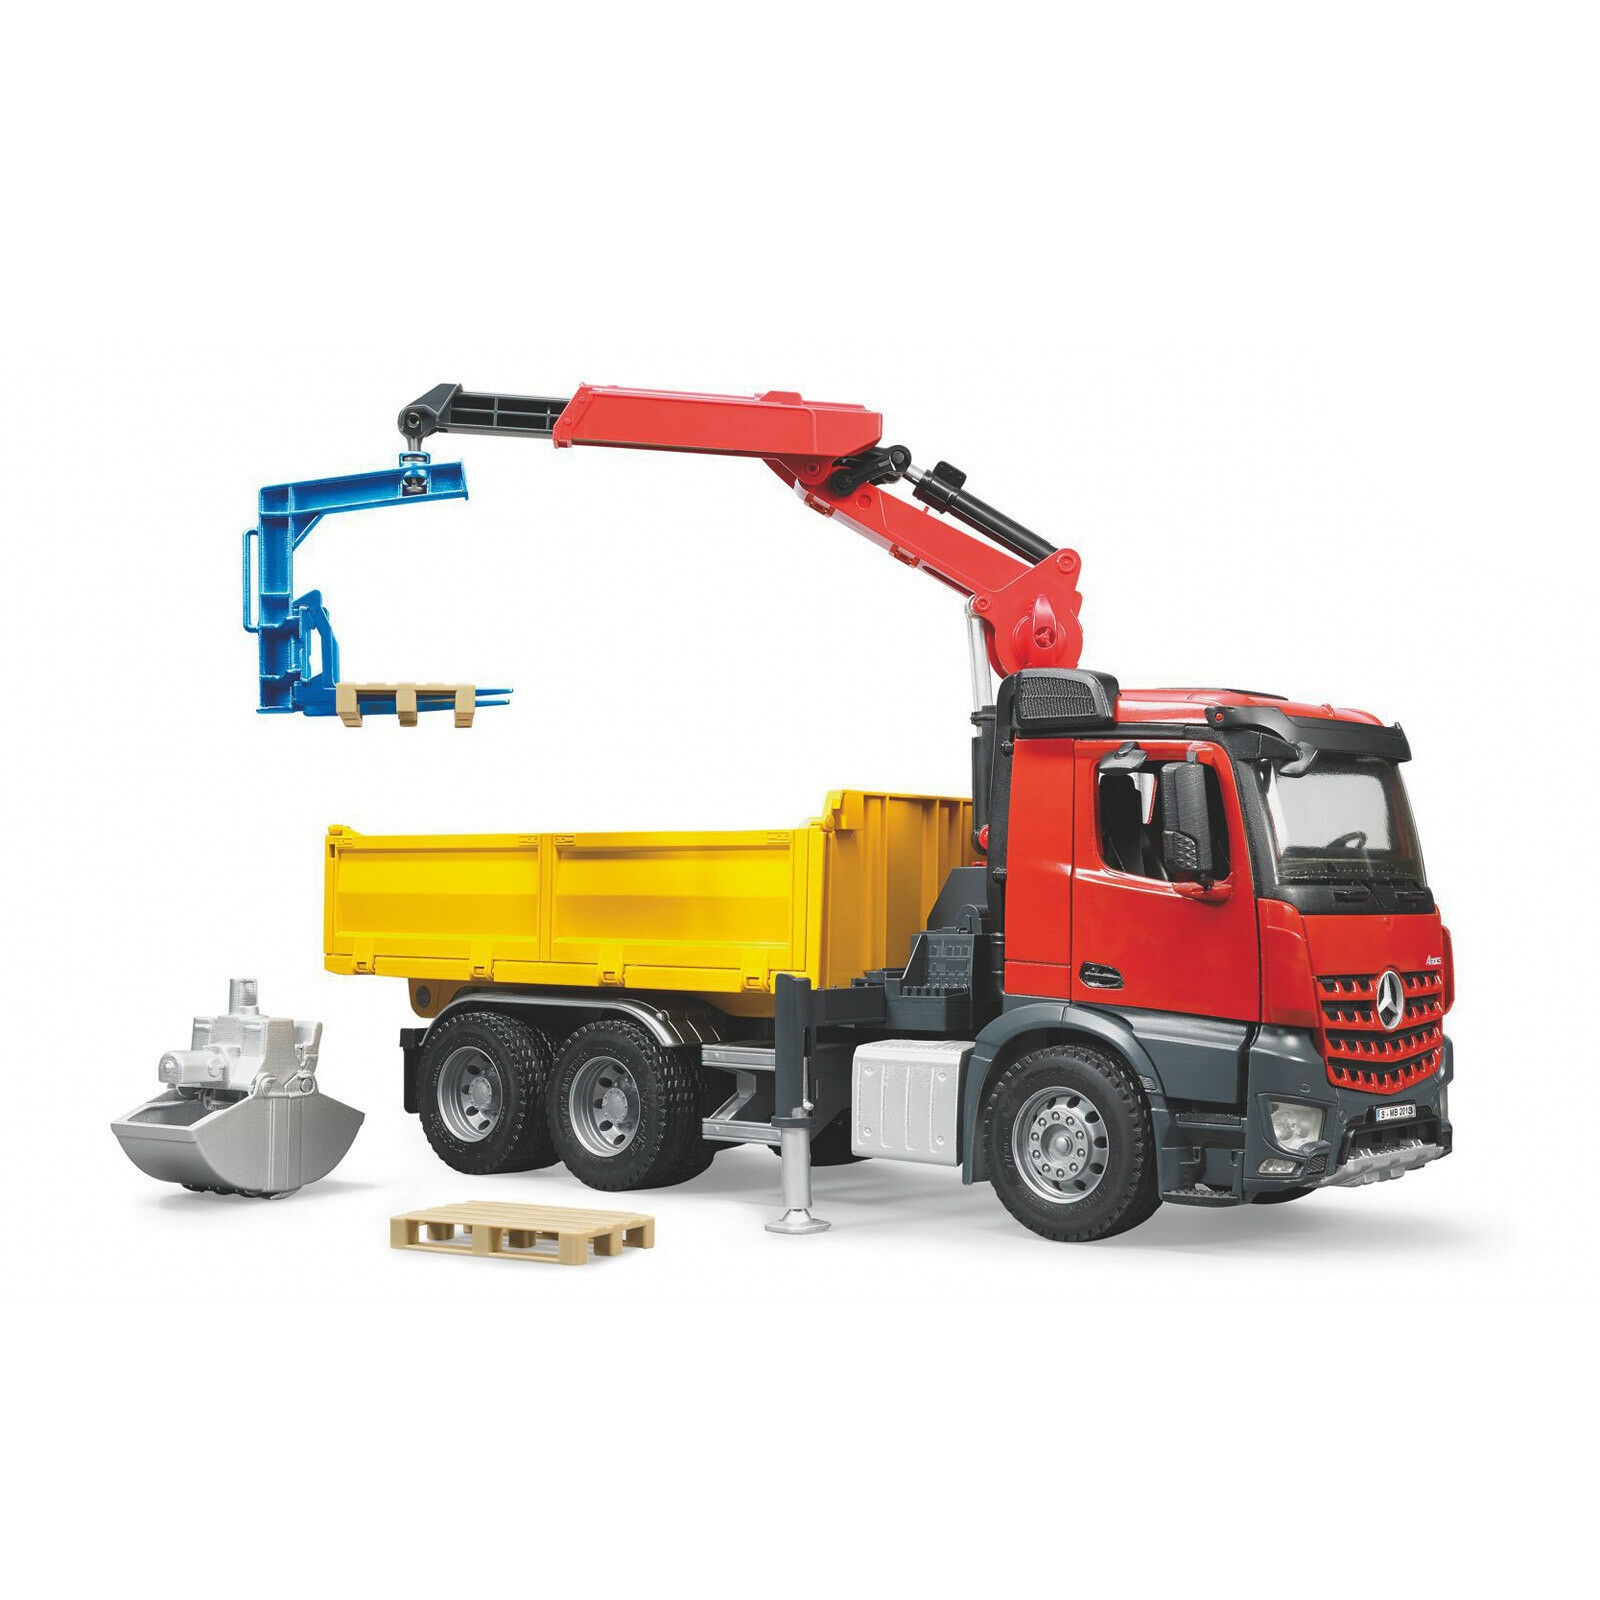 BRUDER Kinder Spielzeug Baustelle Auto Mercedes Benz Arocs LKW mit Kran / 03651